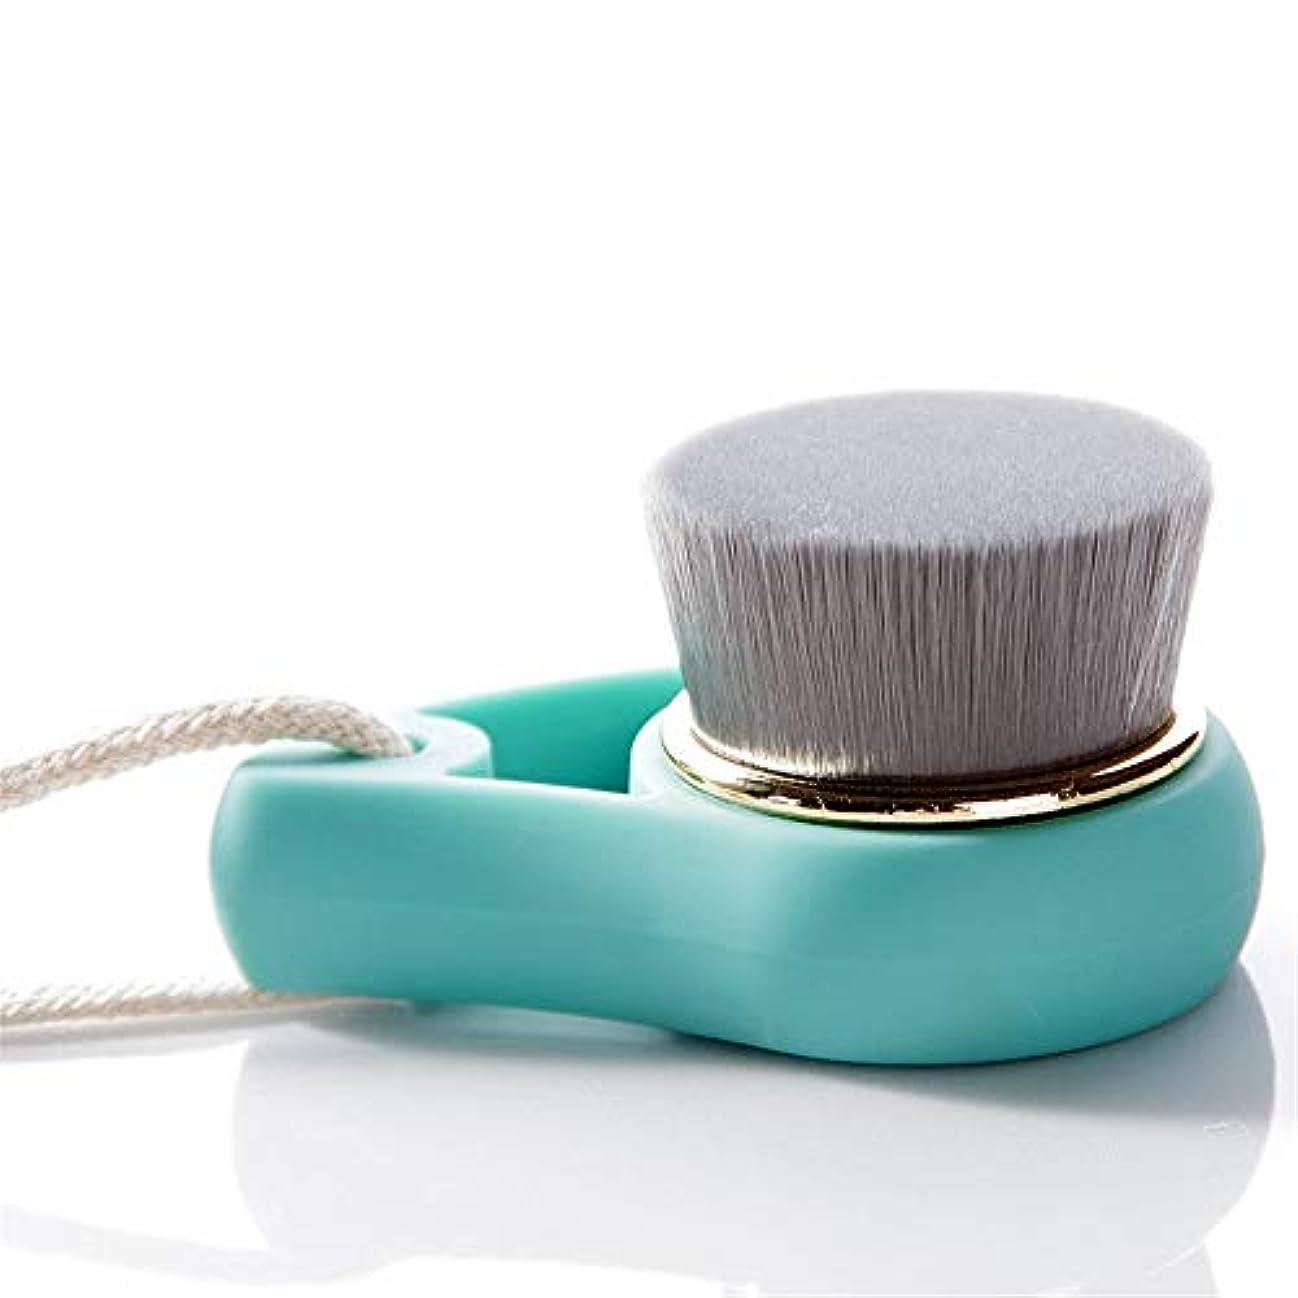 昼食測る上院議員洗顔ブラシ ソフト剛毛フェイスクリーニング美容ブラシ女性のクレンジングブラシ ディープクレンジングスキンケア用